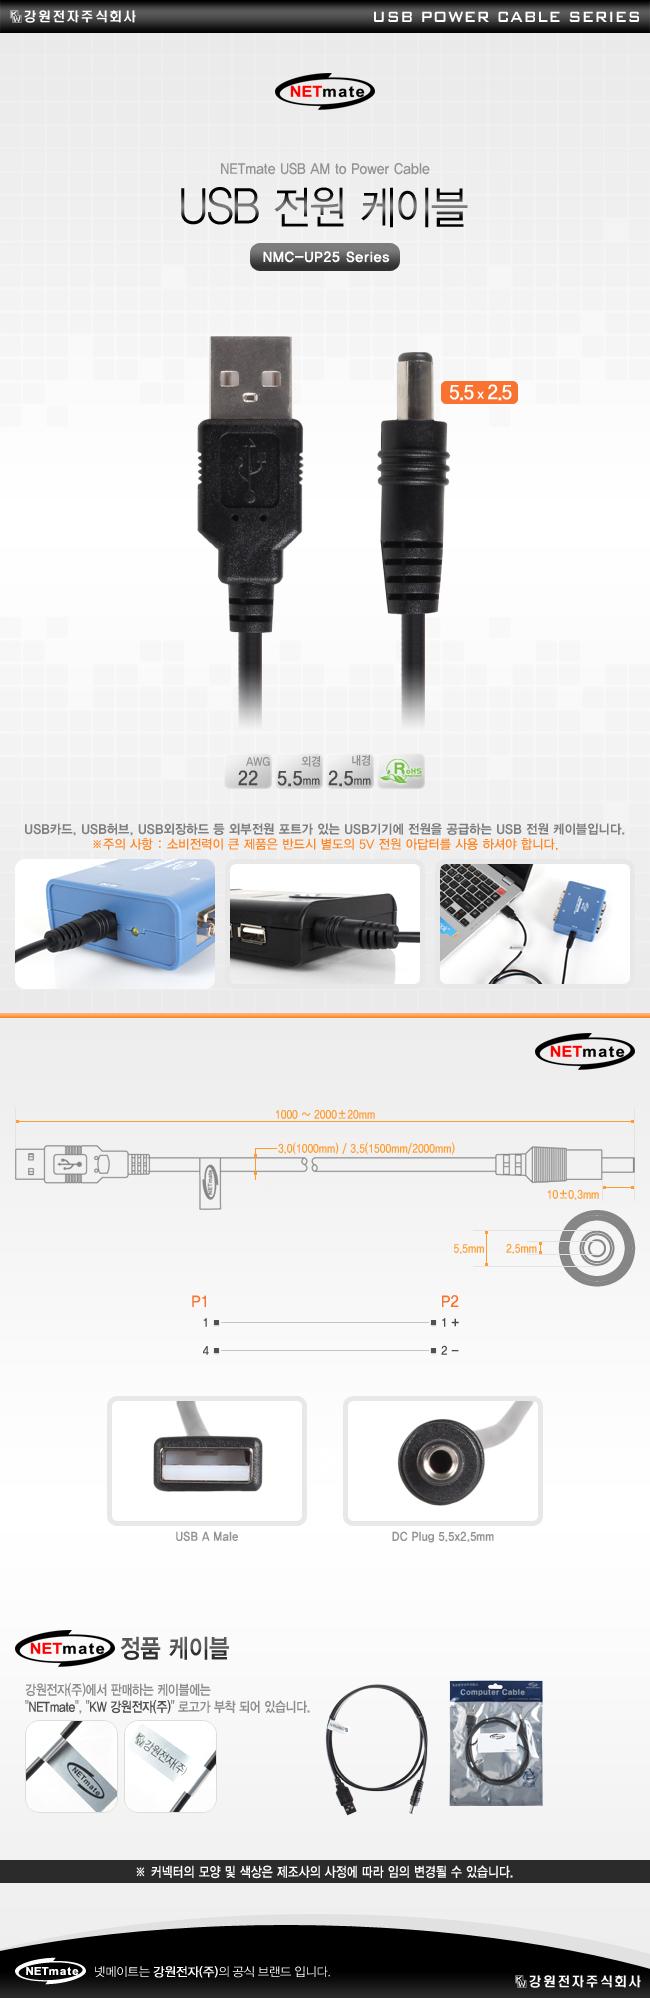 강원전자 NETmate USB to DC 플러그 5.5x2.5mm 전원 케이블 블랙(1m, NMC-UP25)